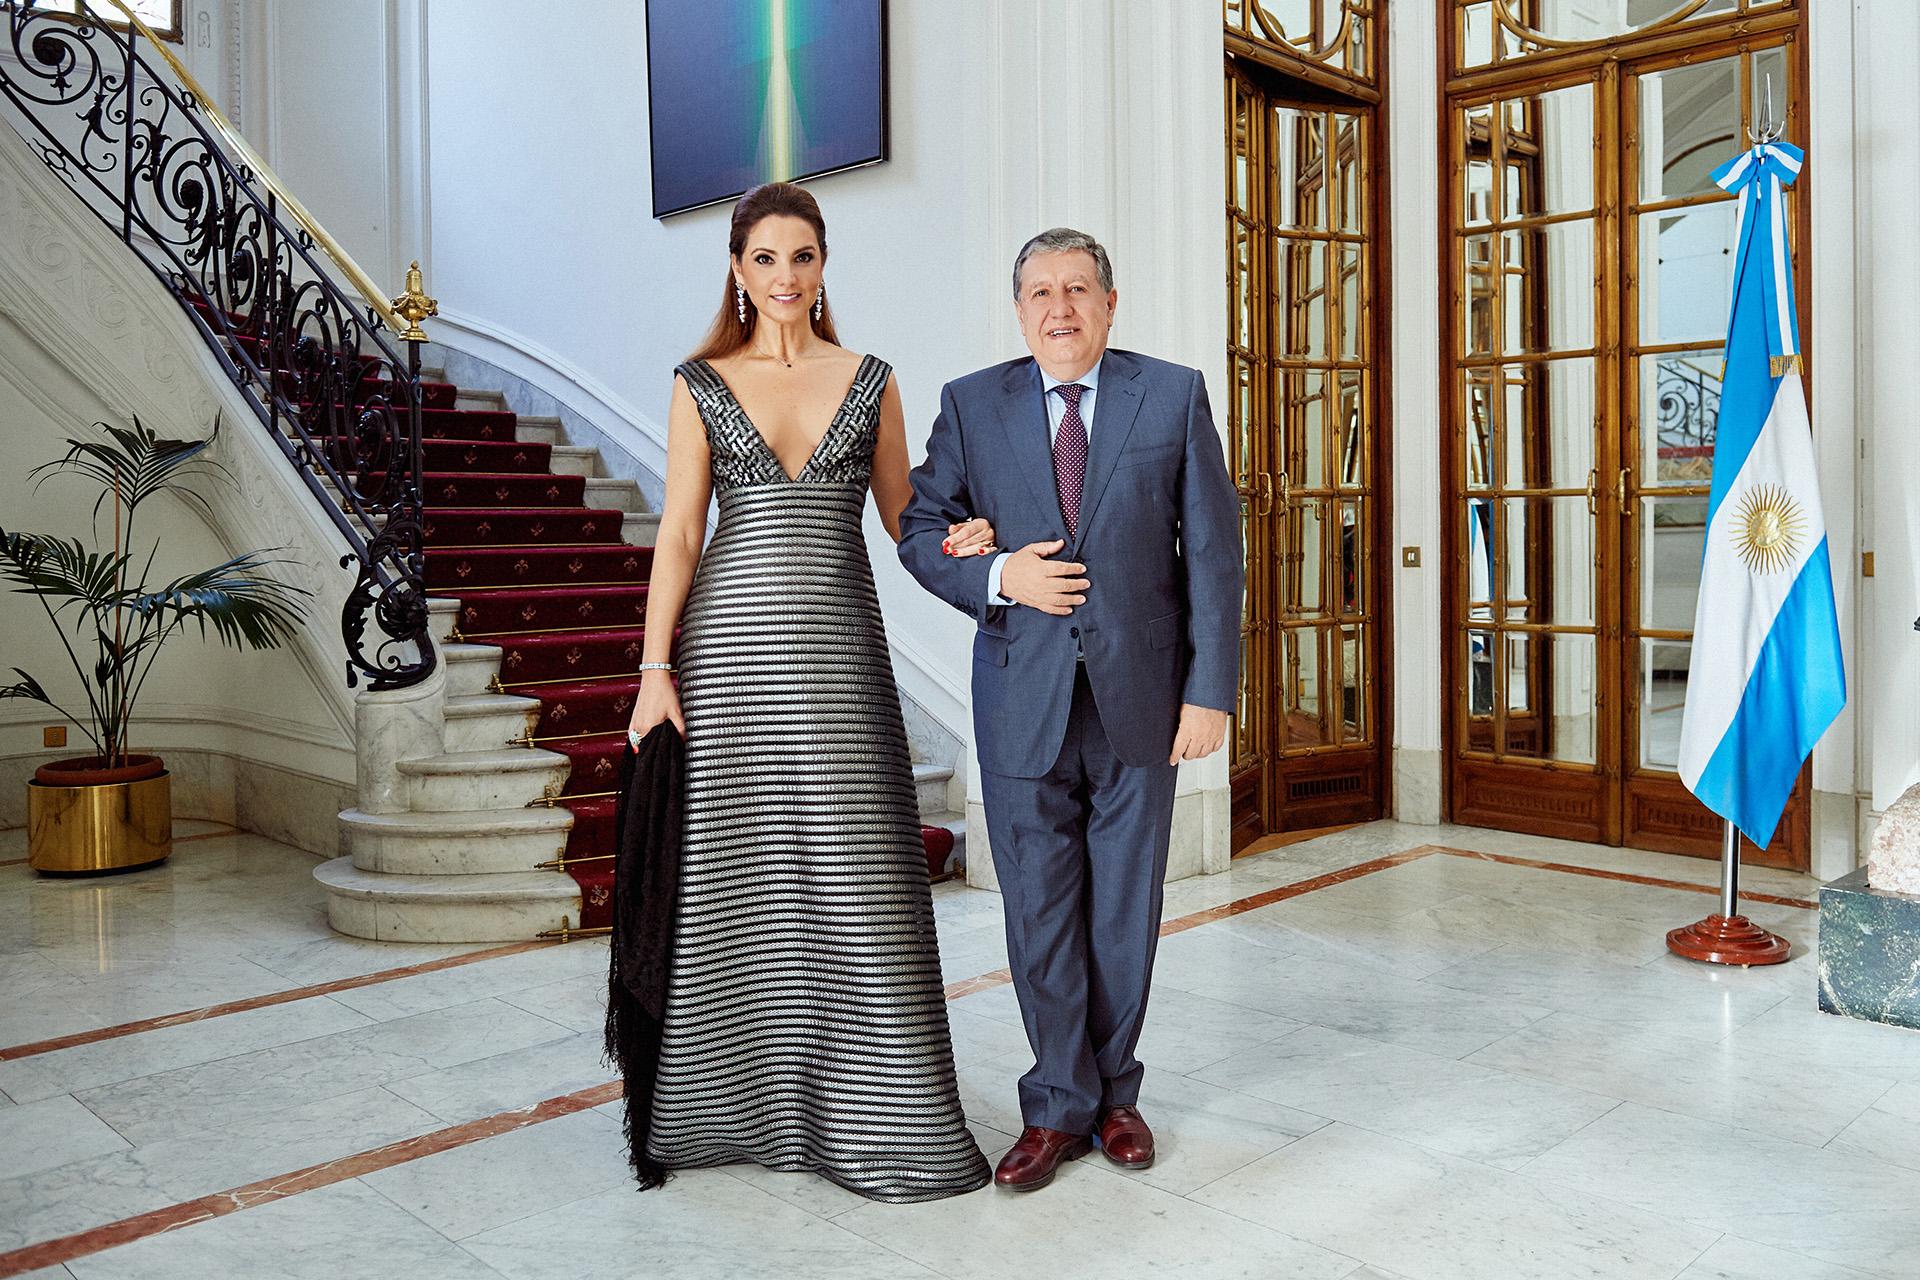 En el foyer de la residencia oficial, el embajador español, Ramón Puerta junto a Virginia Tola